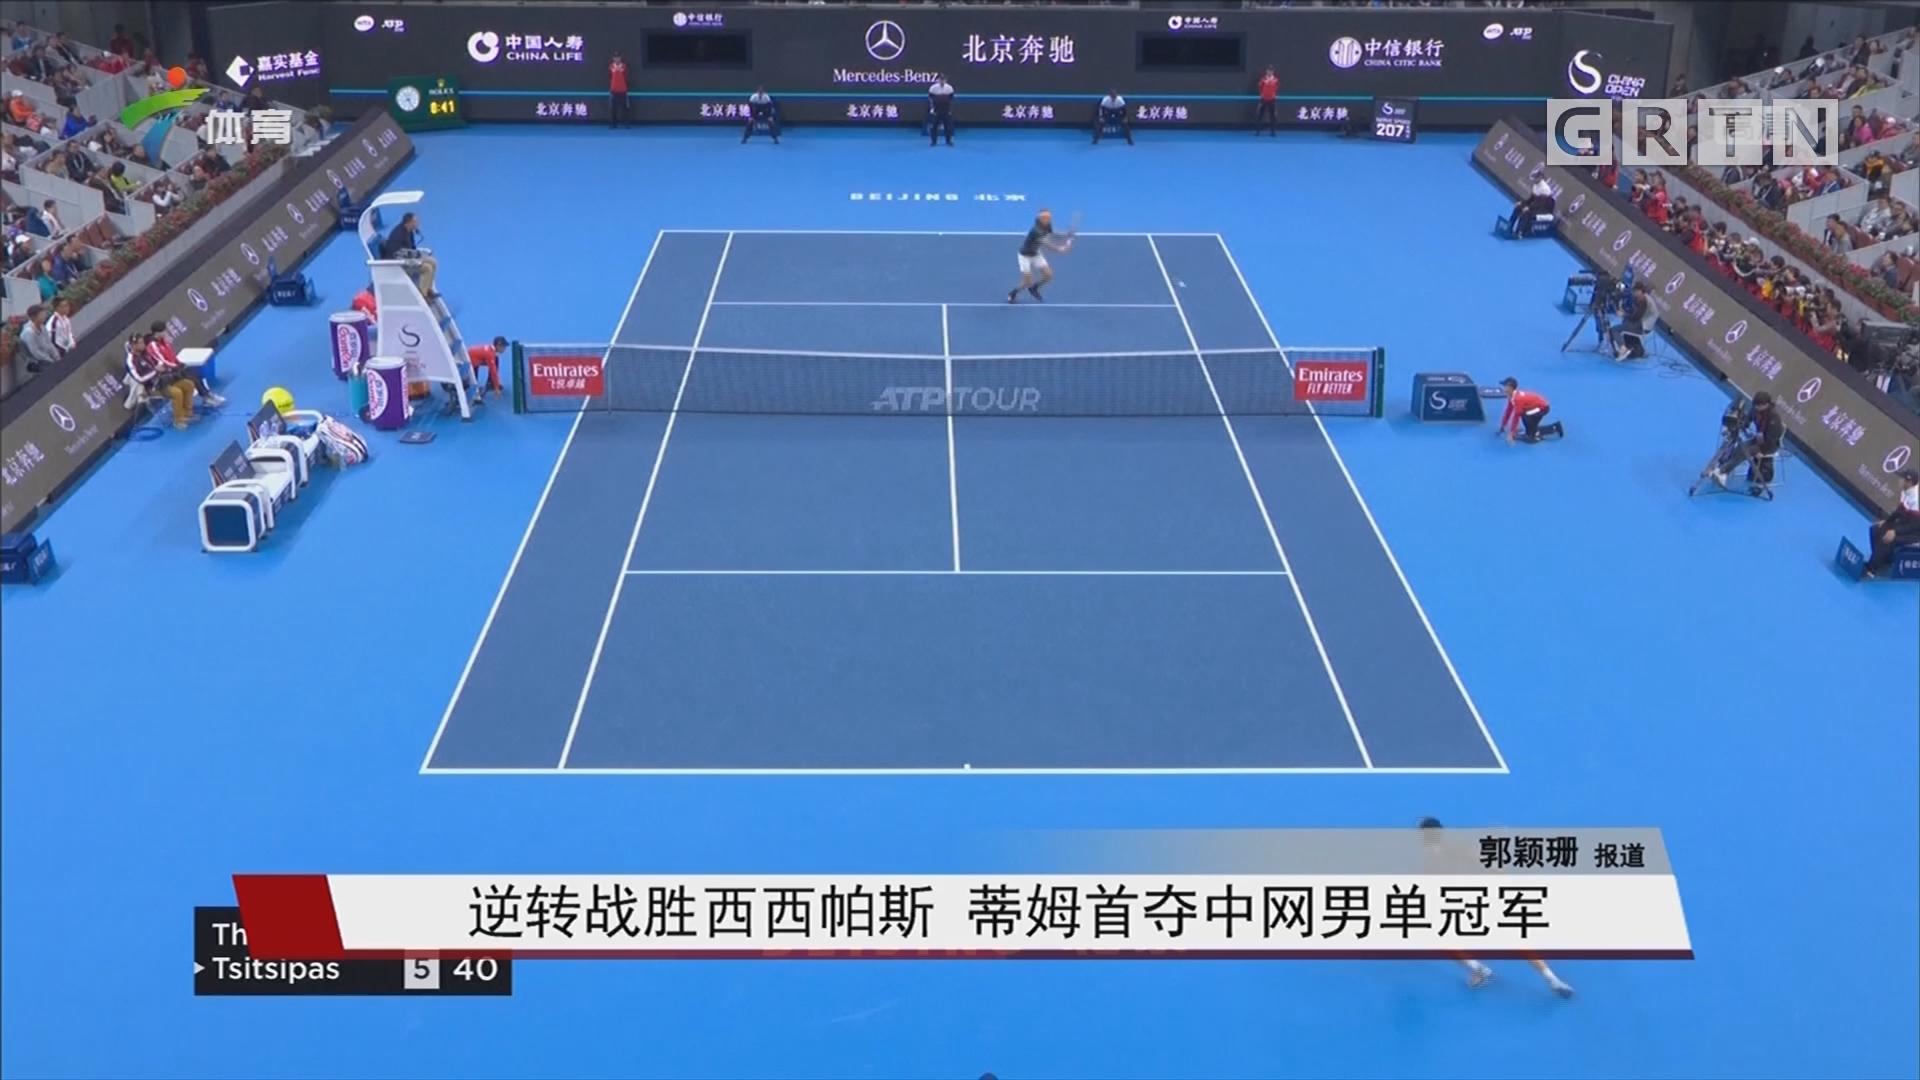 逆转战胜西西帕斯 蒂姆首夺中网男单冠军